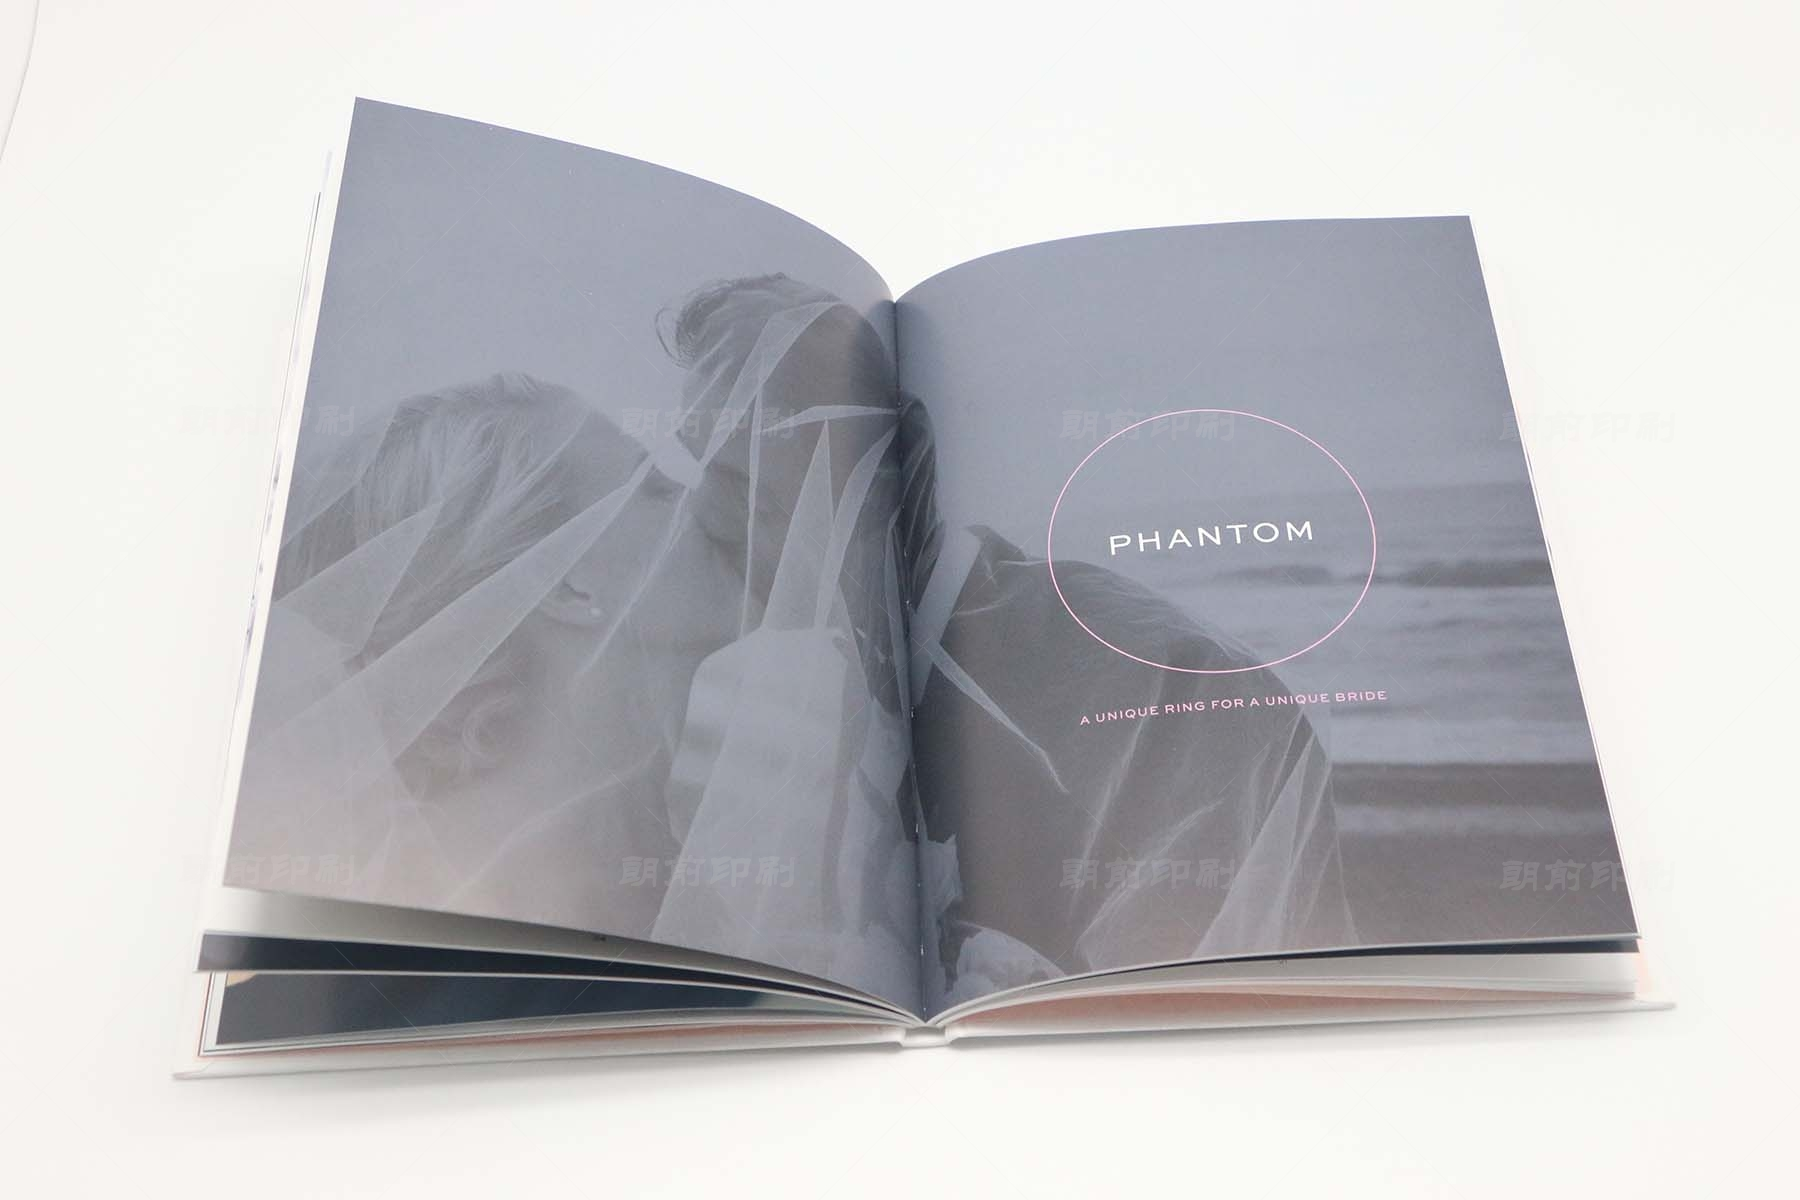 广州企业宣传画册印刷制作 广州精装画册p数要多少印刷